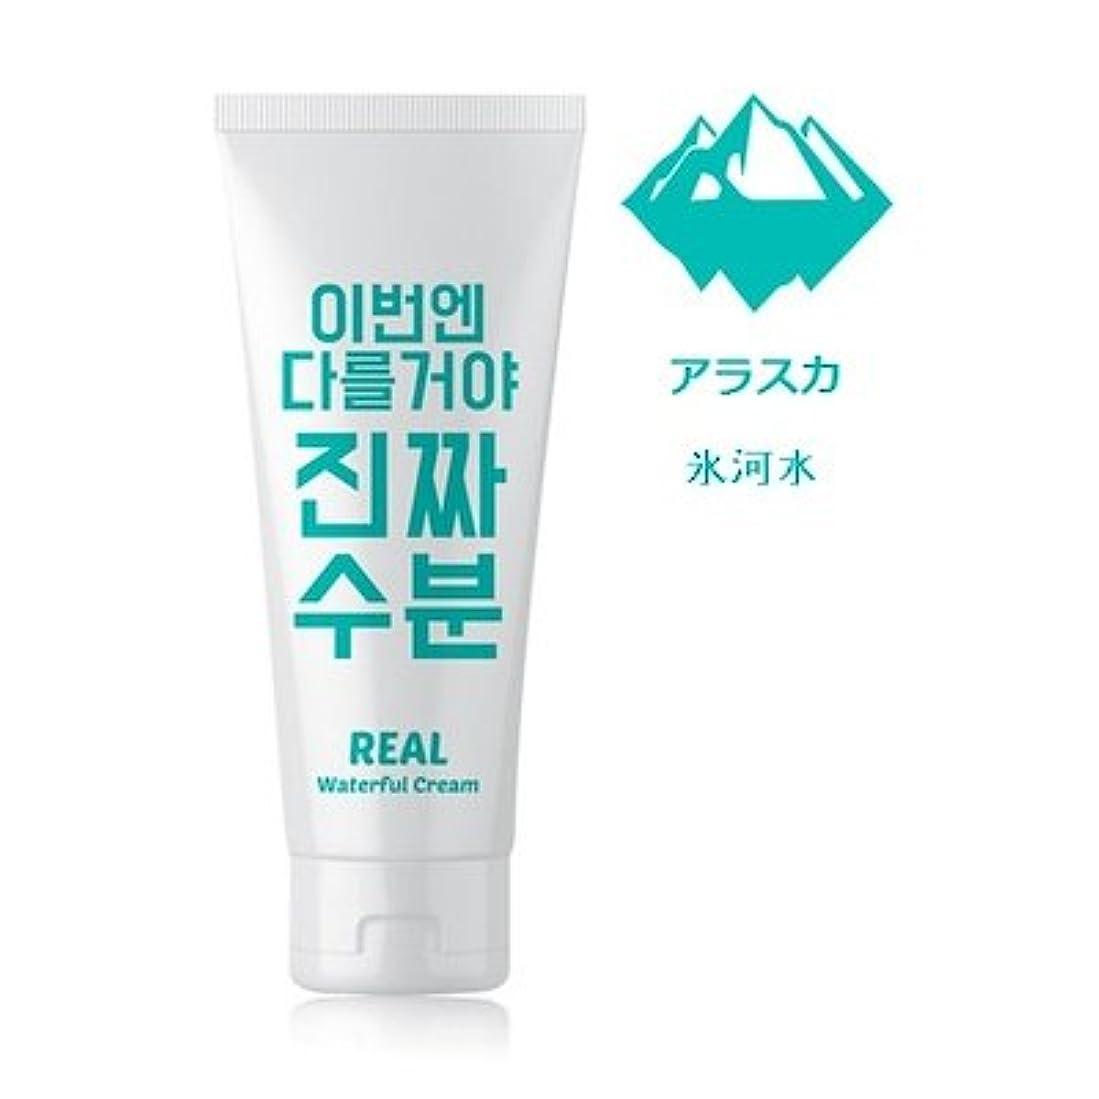 ファブリックコンサート憧れJaminkyung Real Waterful Cream/孜民耕 [ジャミンギョン] 今度は違うぞ本当の水分クリーム 200ml [並行輸入品]